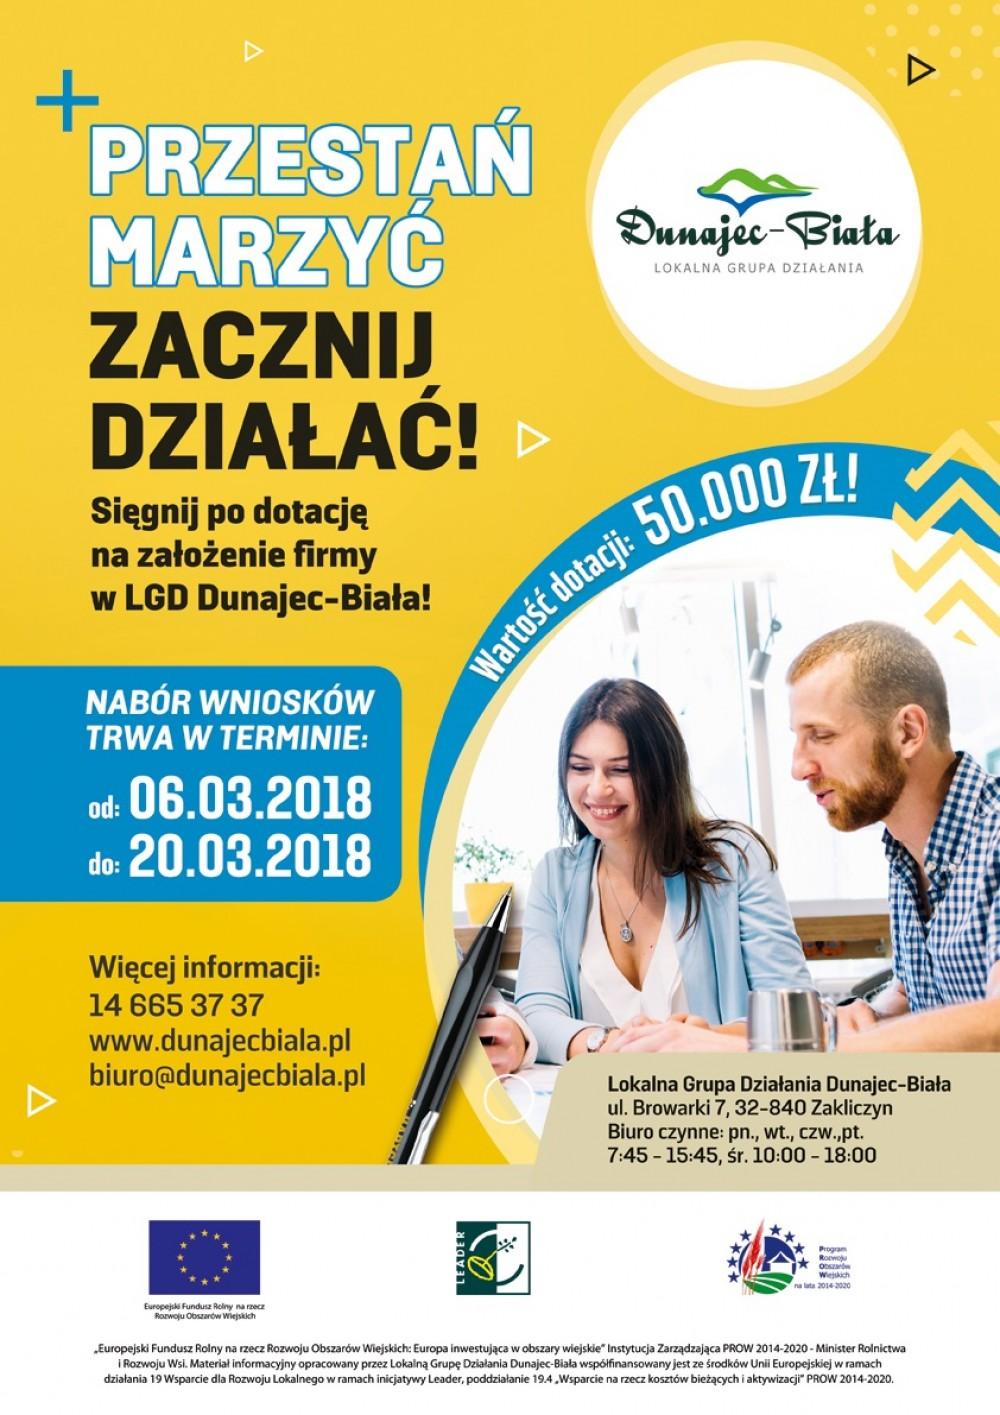 PRZESTAŃ MARZYĆ ZACZNIJ DZIAŁAĆ! ? sięgnij po dotację na założenie firmy w LGD Dunajec-Biała